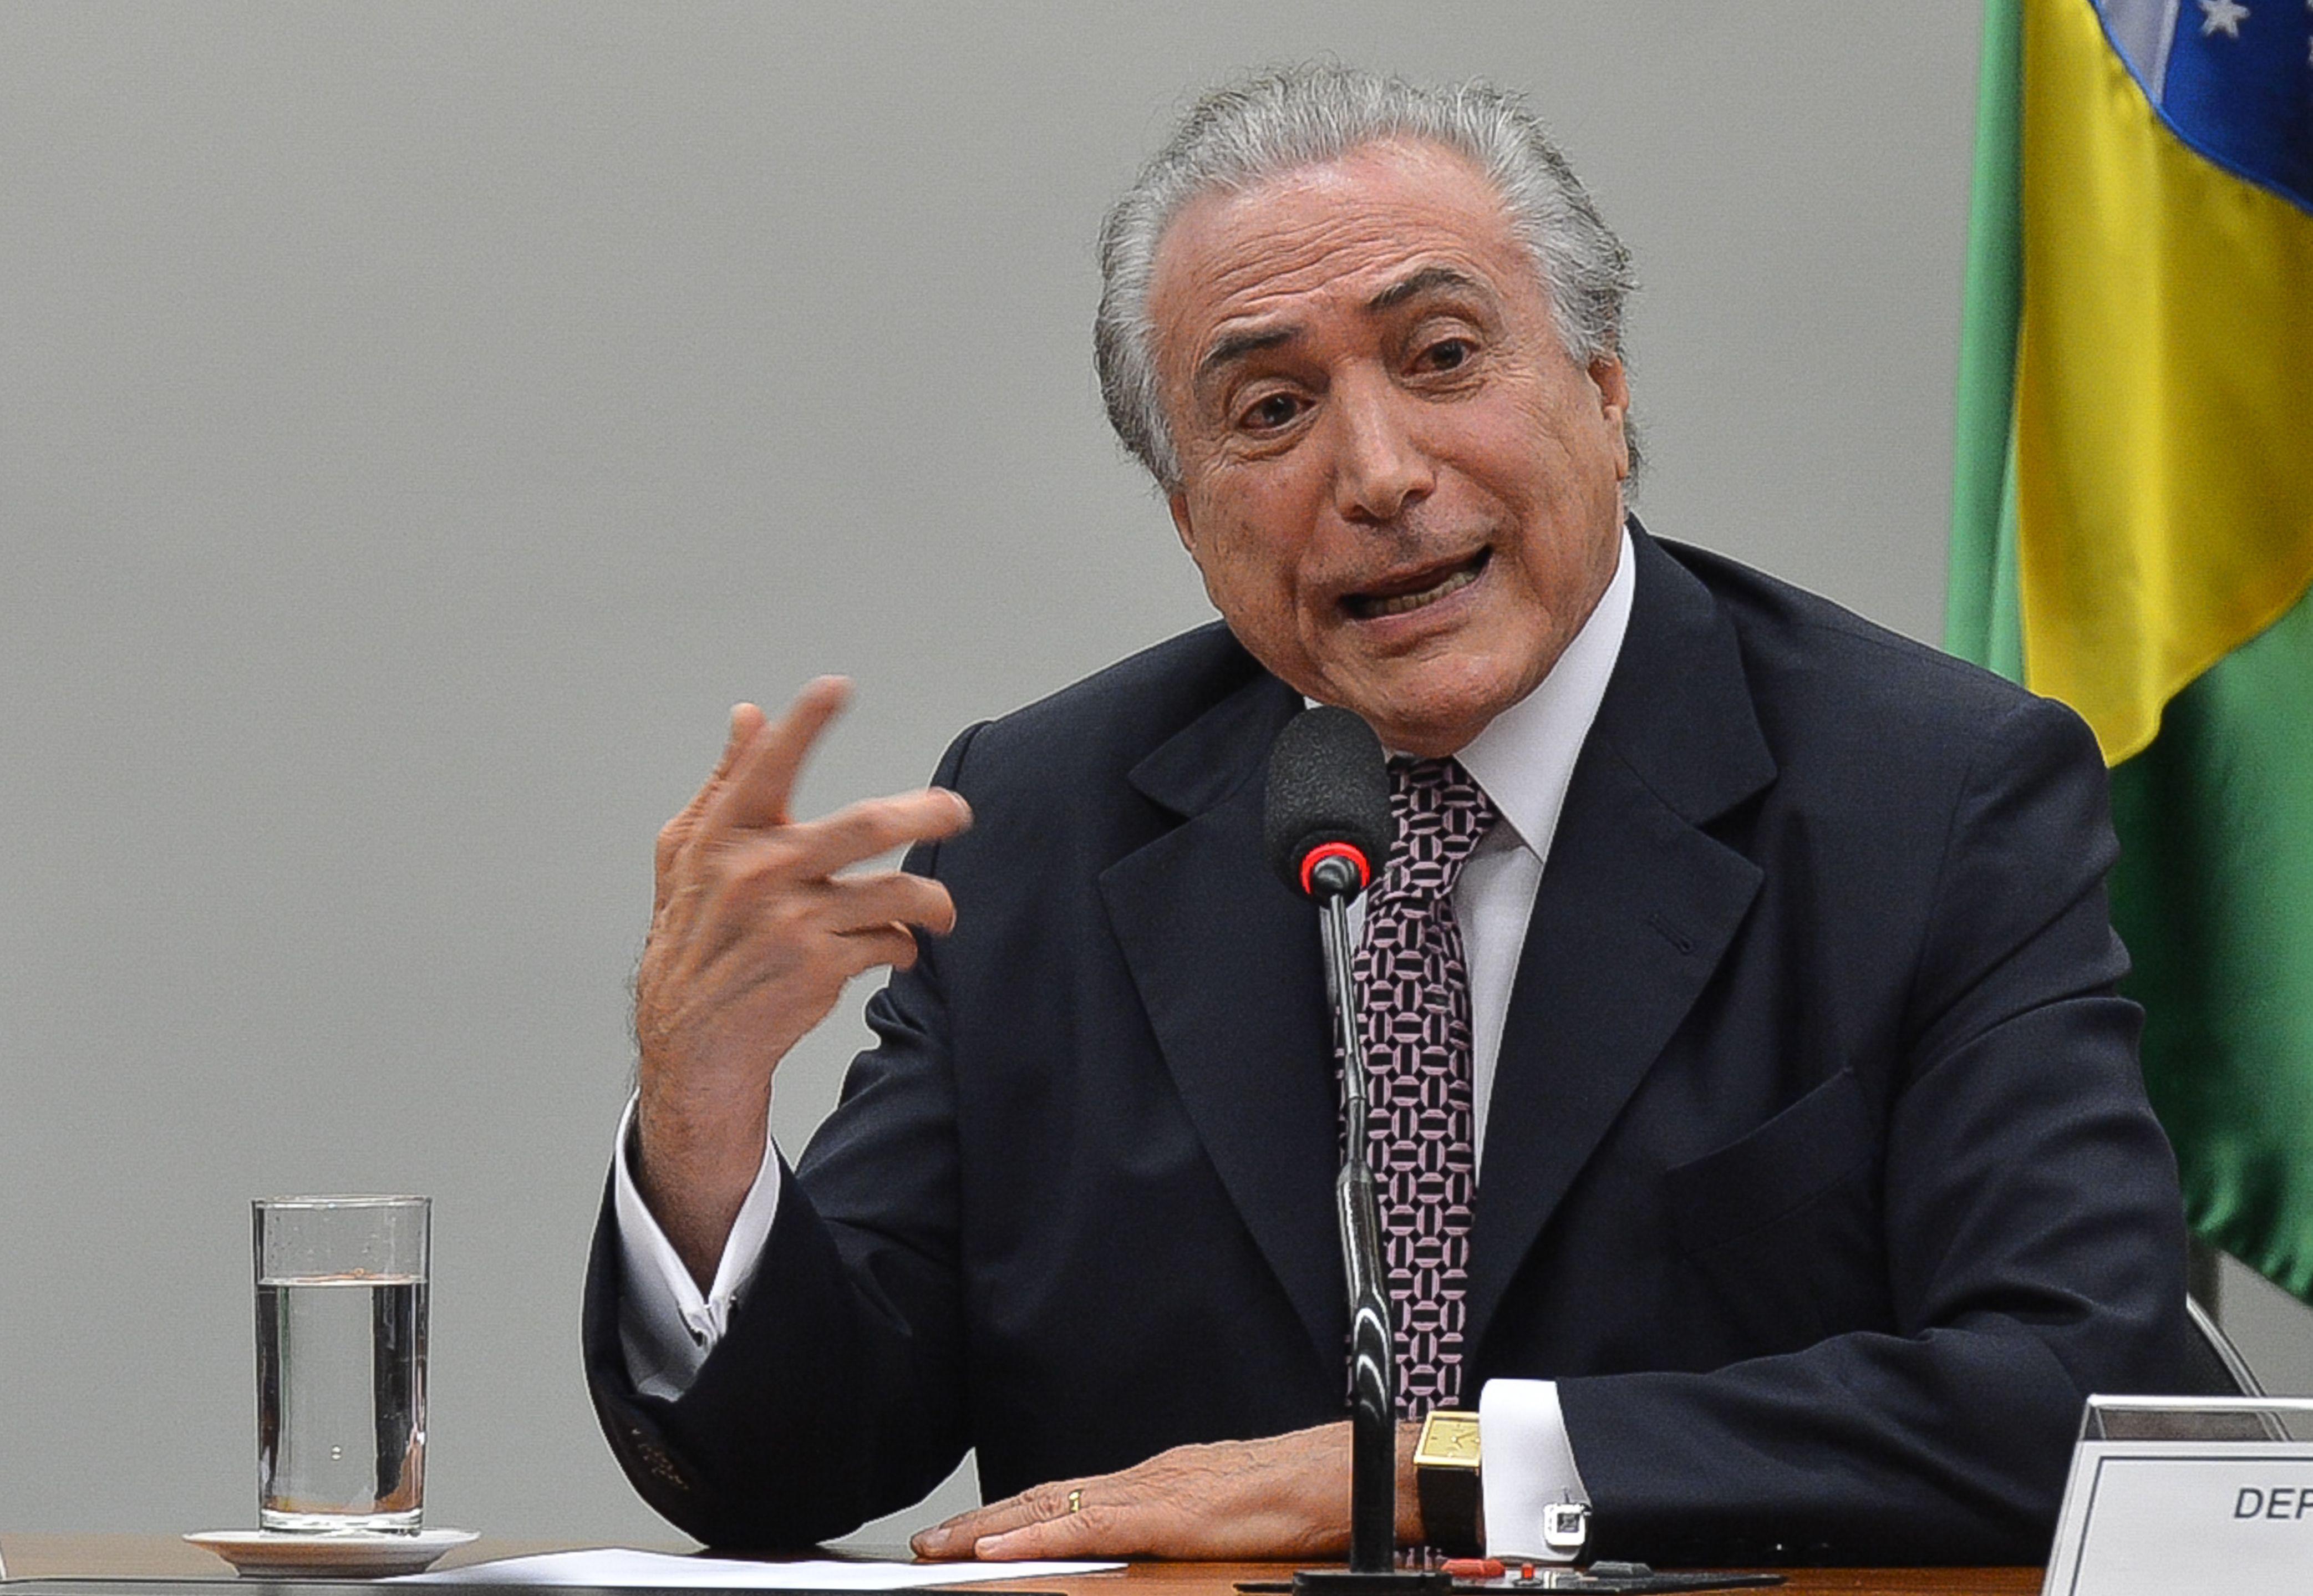 Foto: Antonio Cruz / Agência Brasil / Divulgação